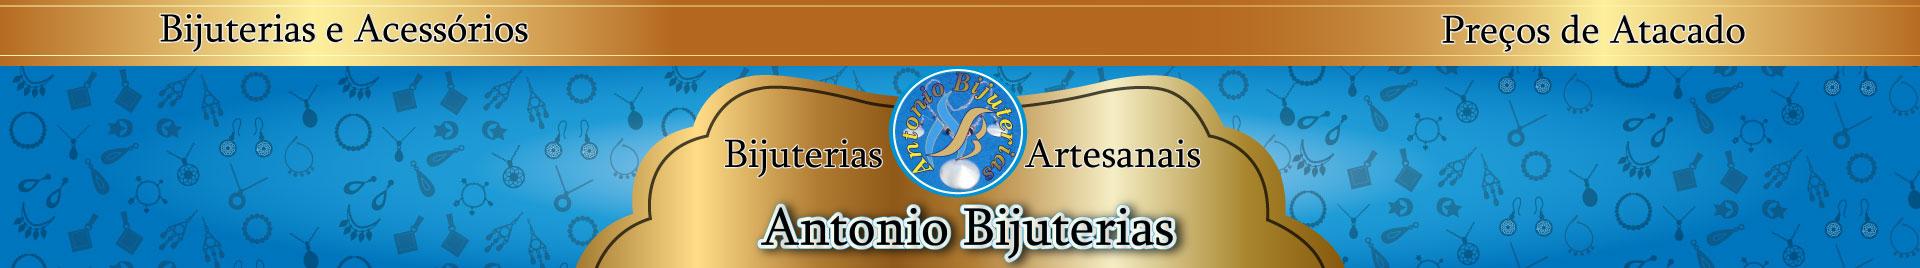 Antonio Bijuterias